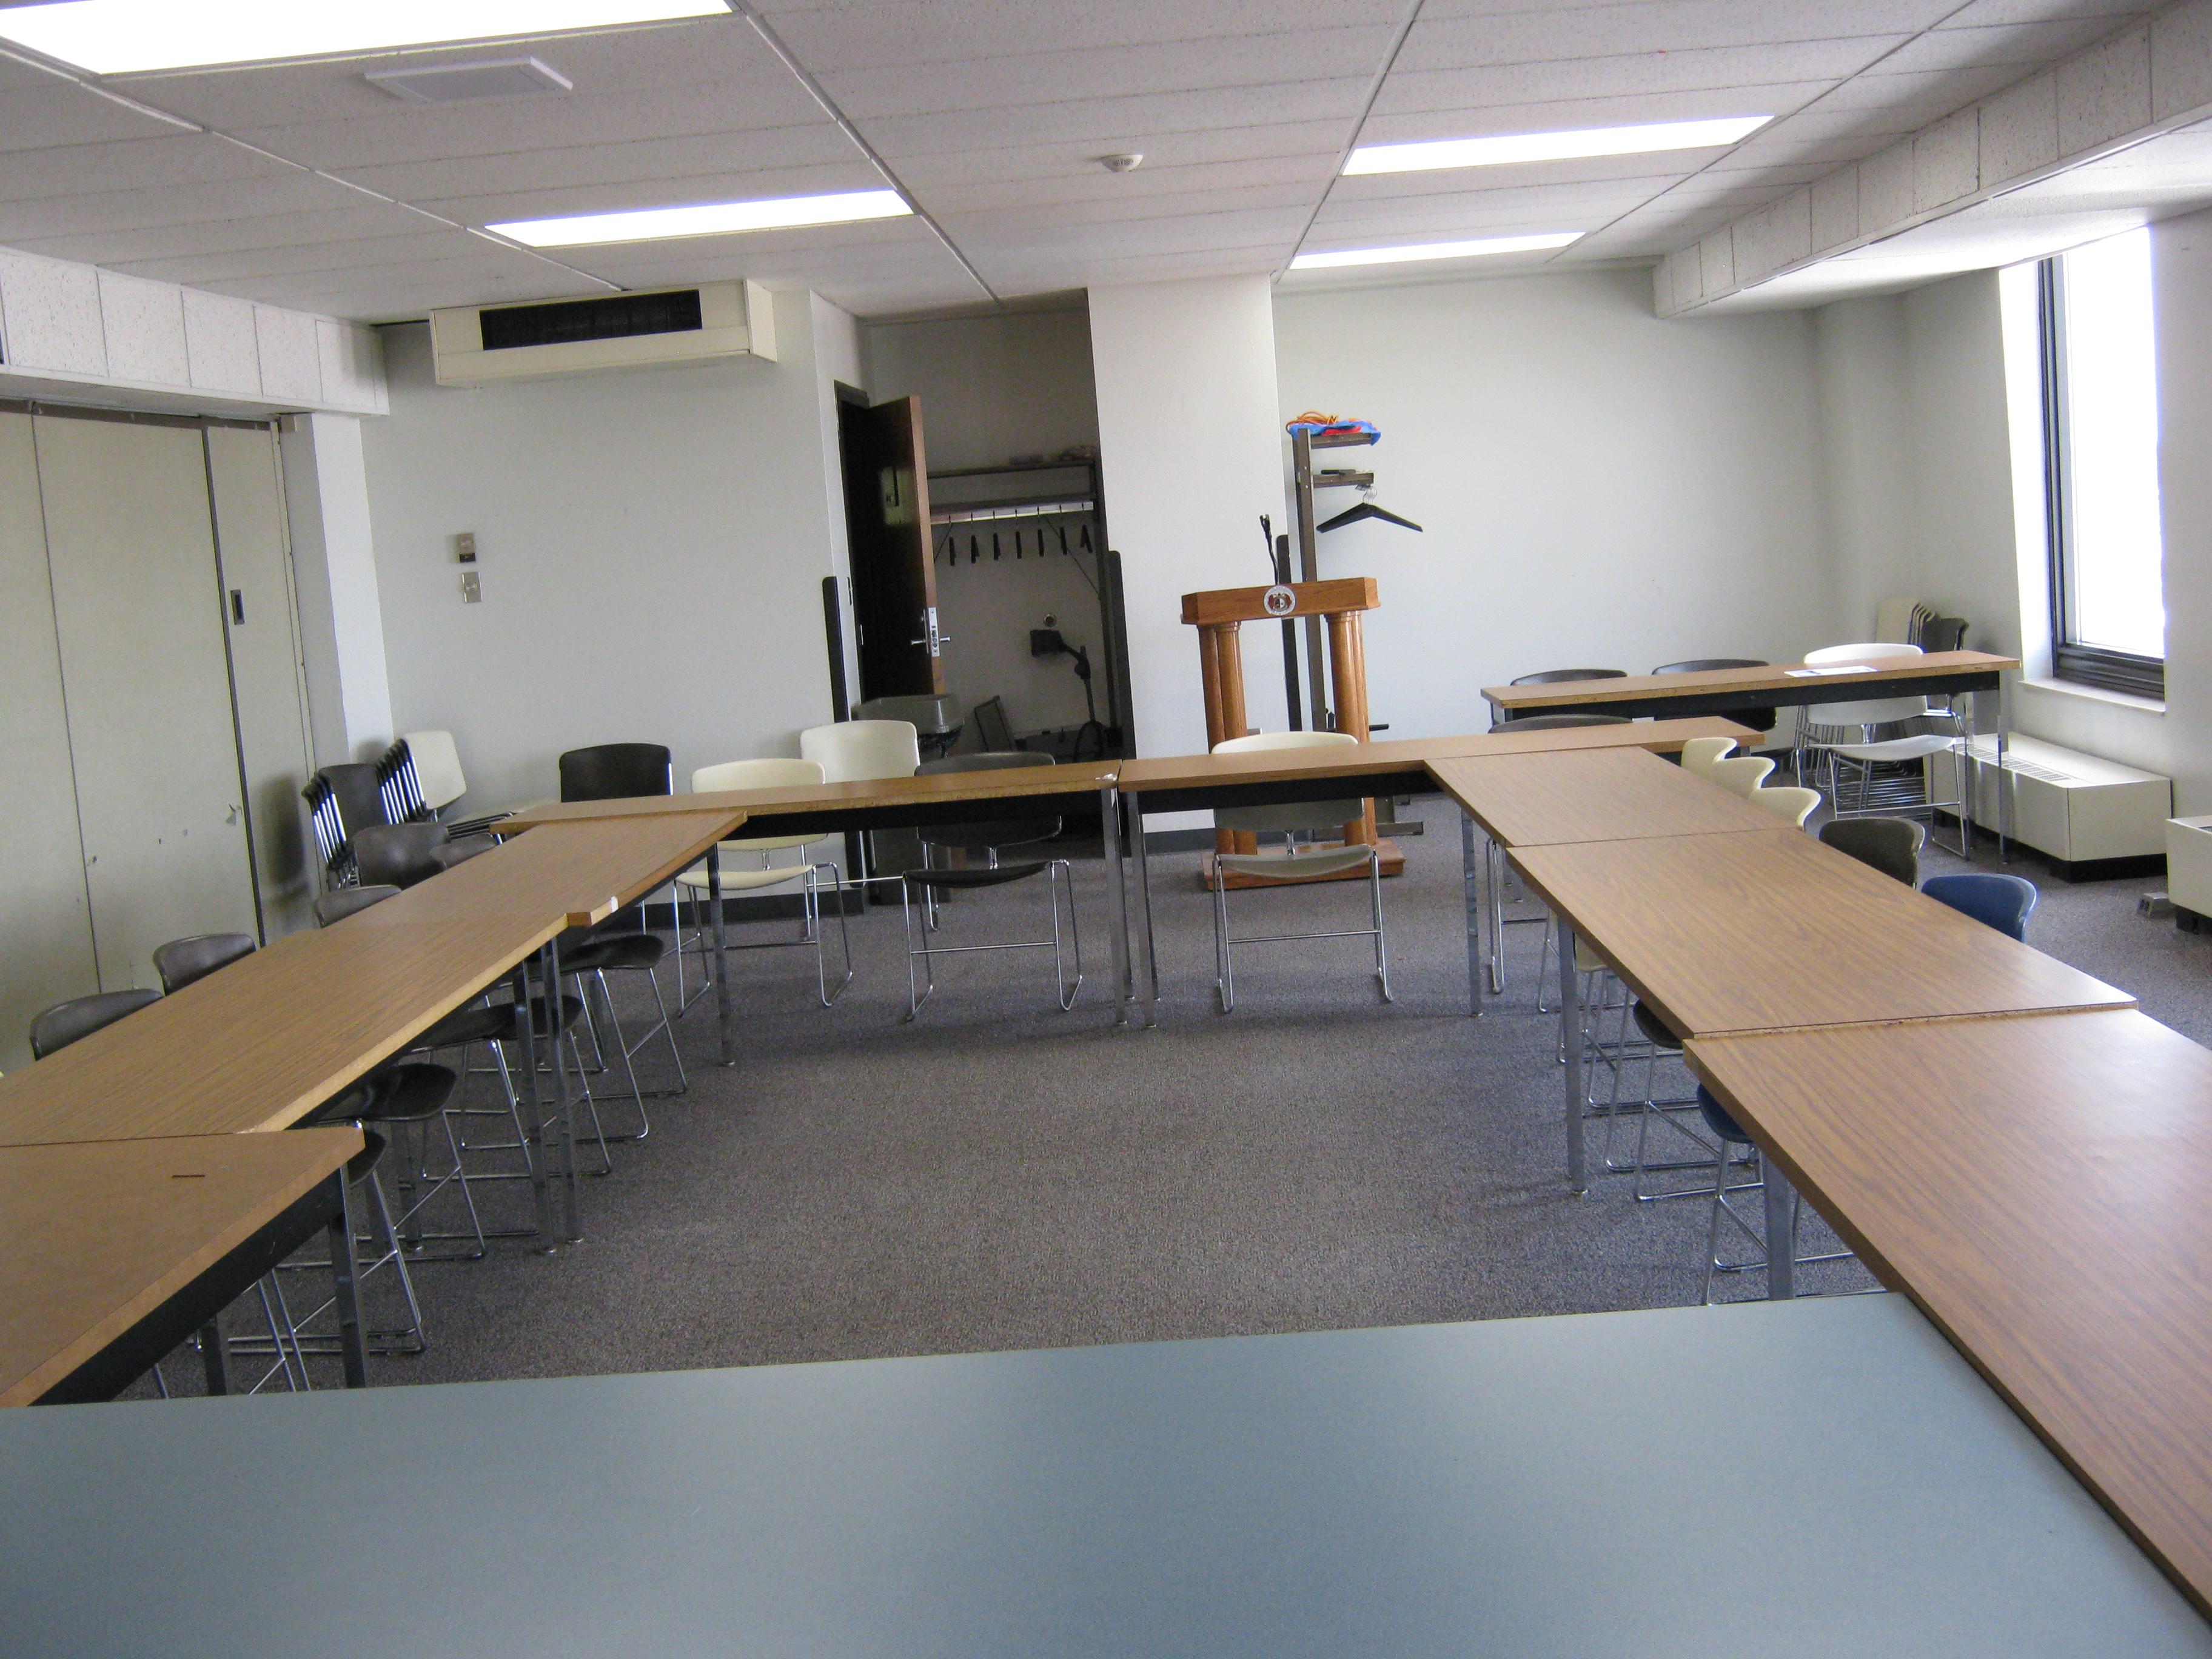 Landers State fice Building Room